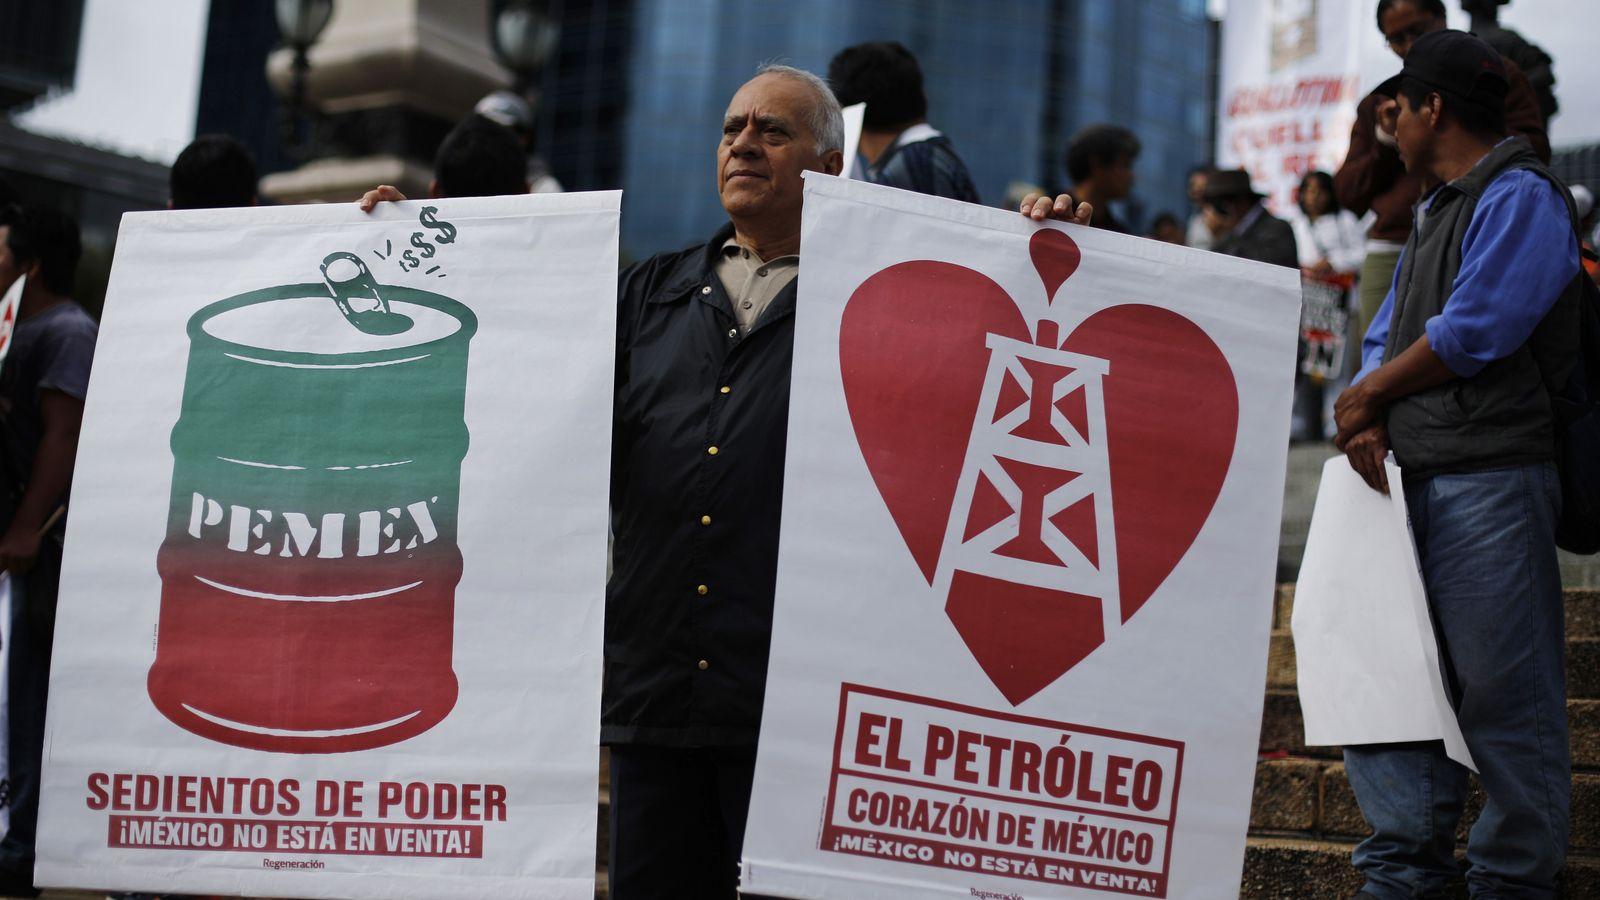 Foto: Simpatizantes de Andrés Manuel Lopez Obrador con carteles de protesta contra la reforma energética del presidente Peña Nieto, en 2013. (Reuters)